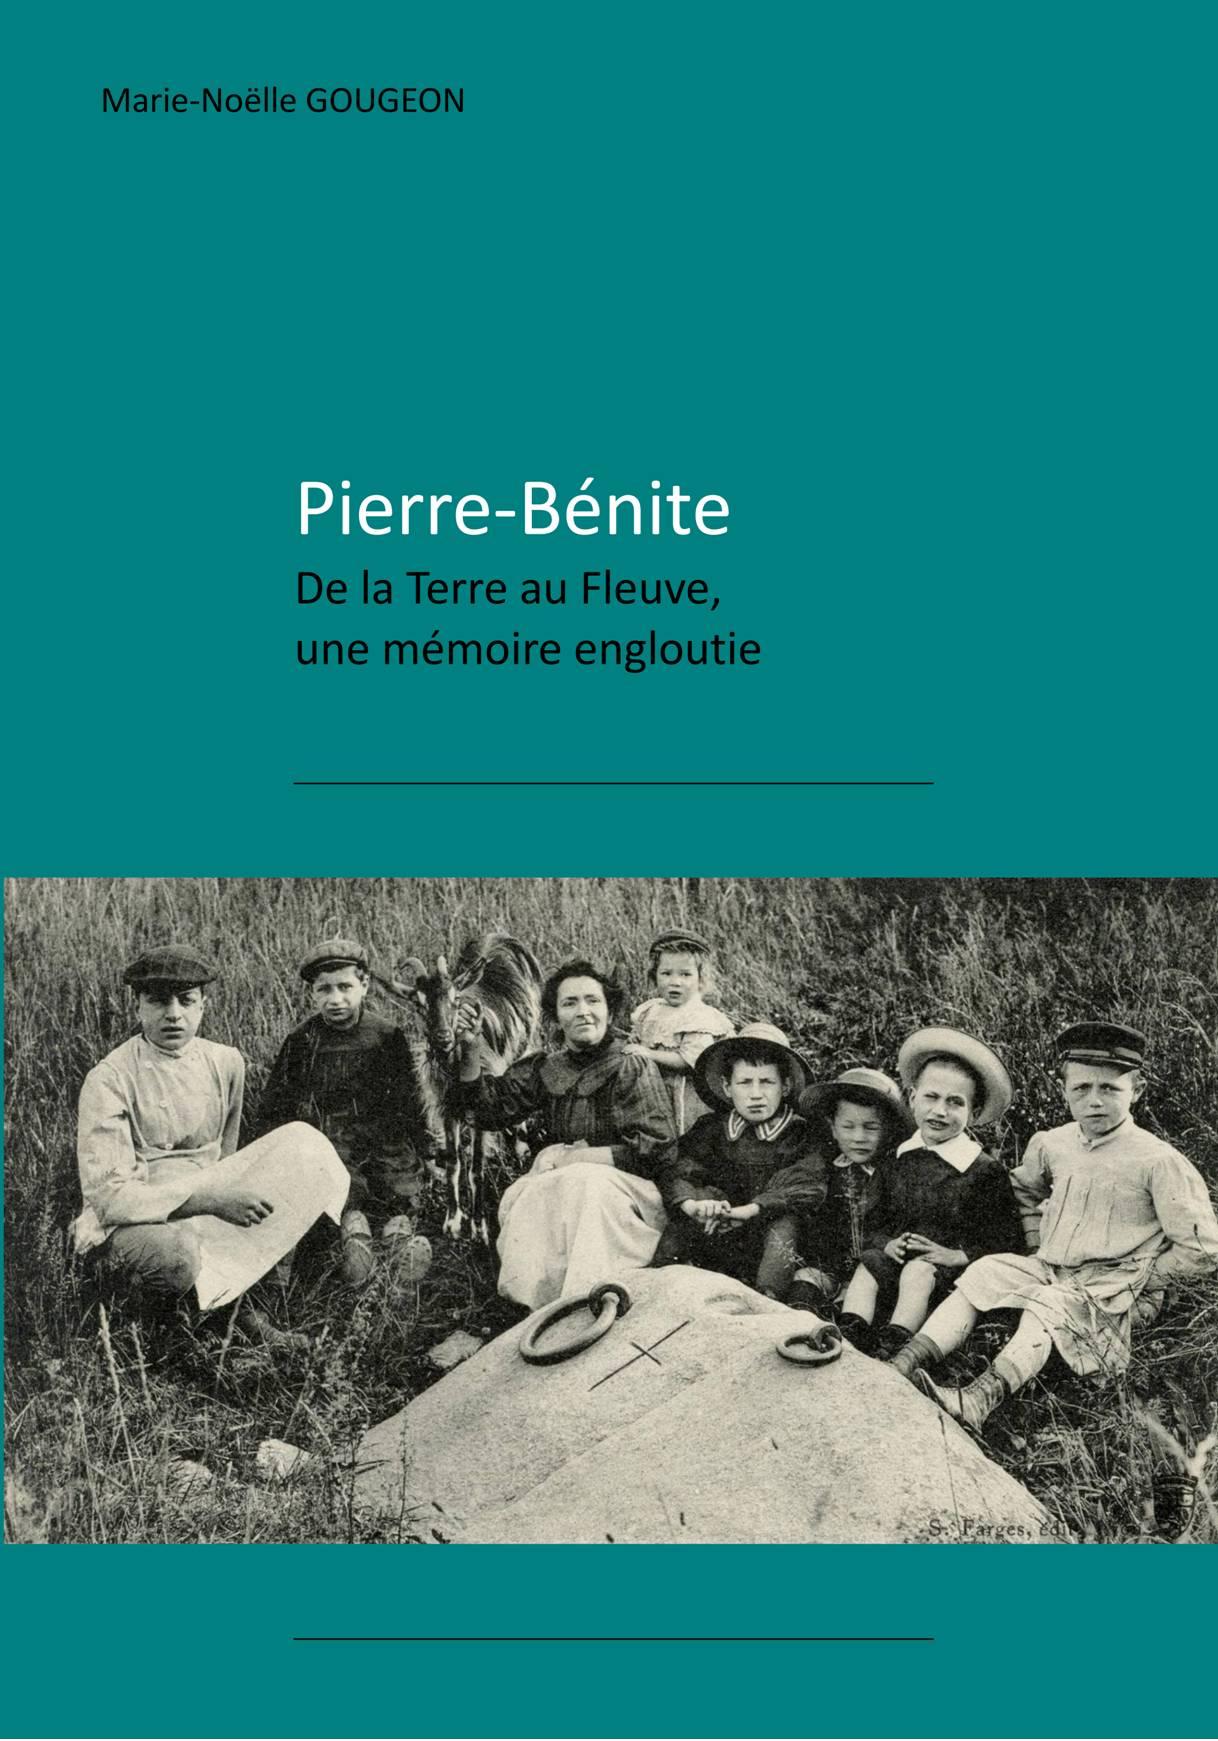 Pierre Bénite, de la Terre au Fleuve, une mémoire engloutie